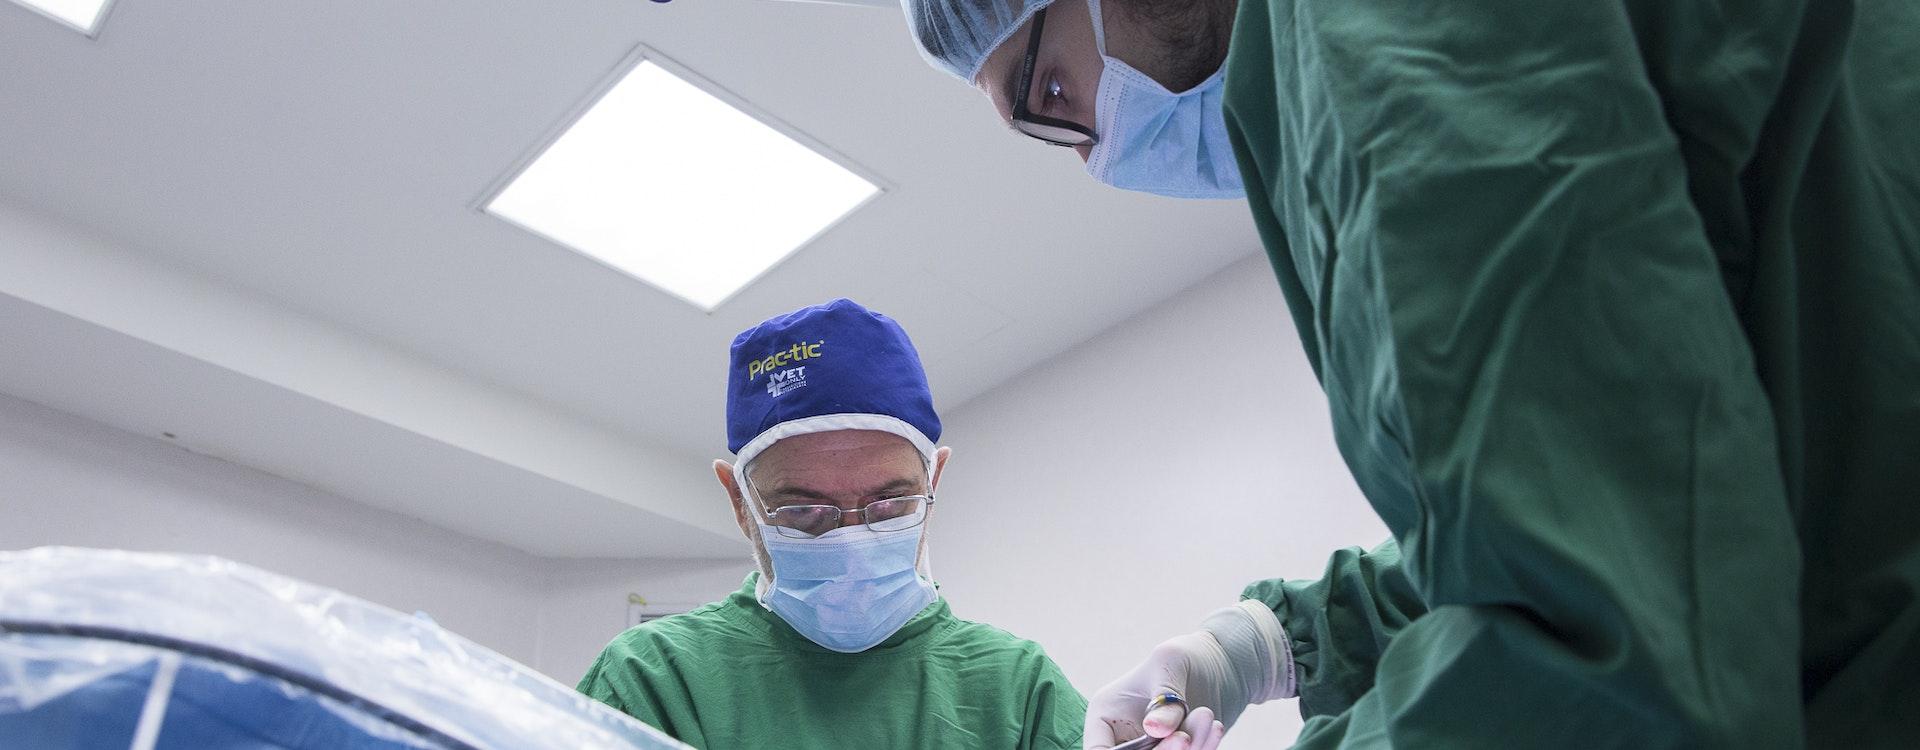 1583937362 laparoscopia22